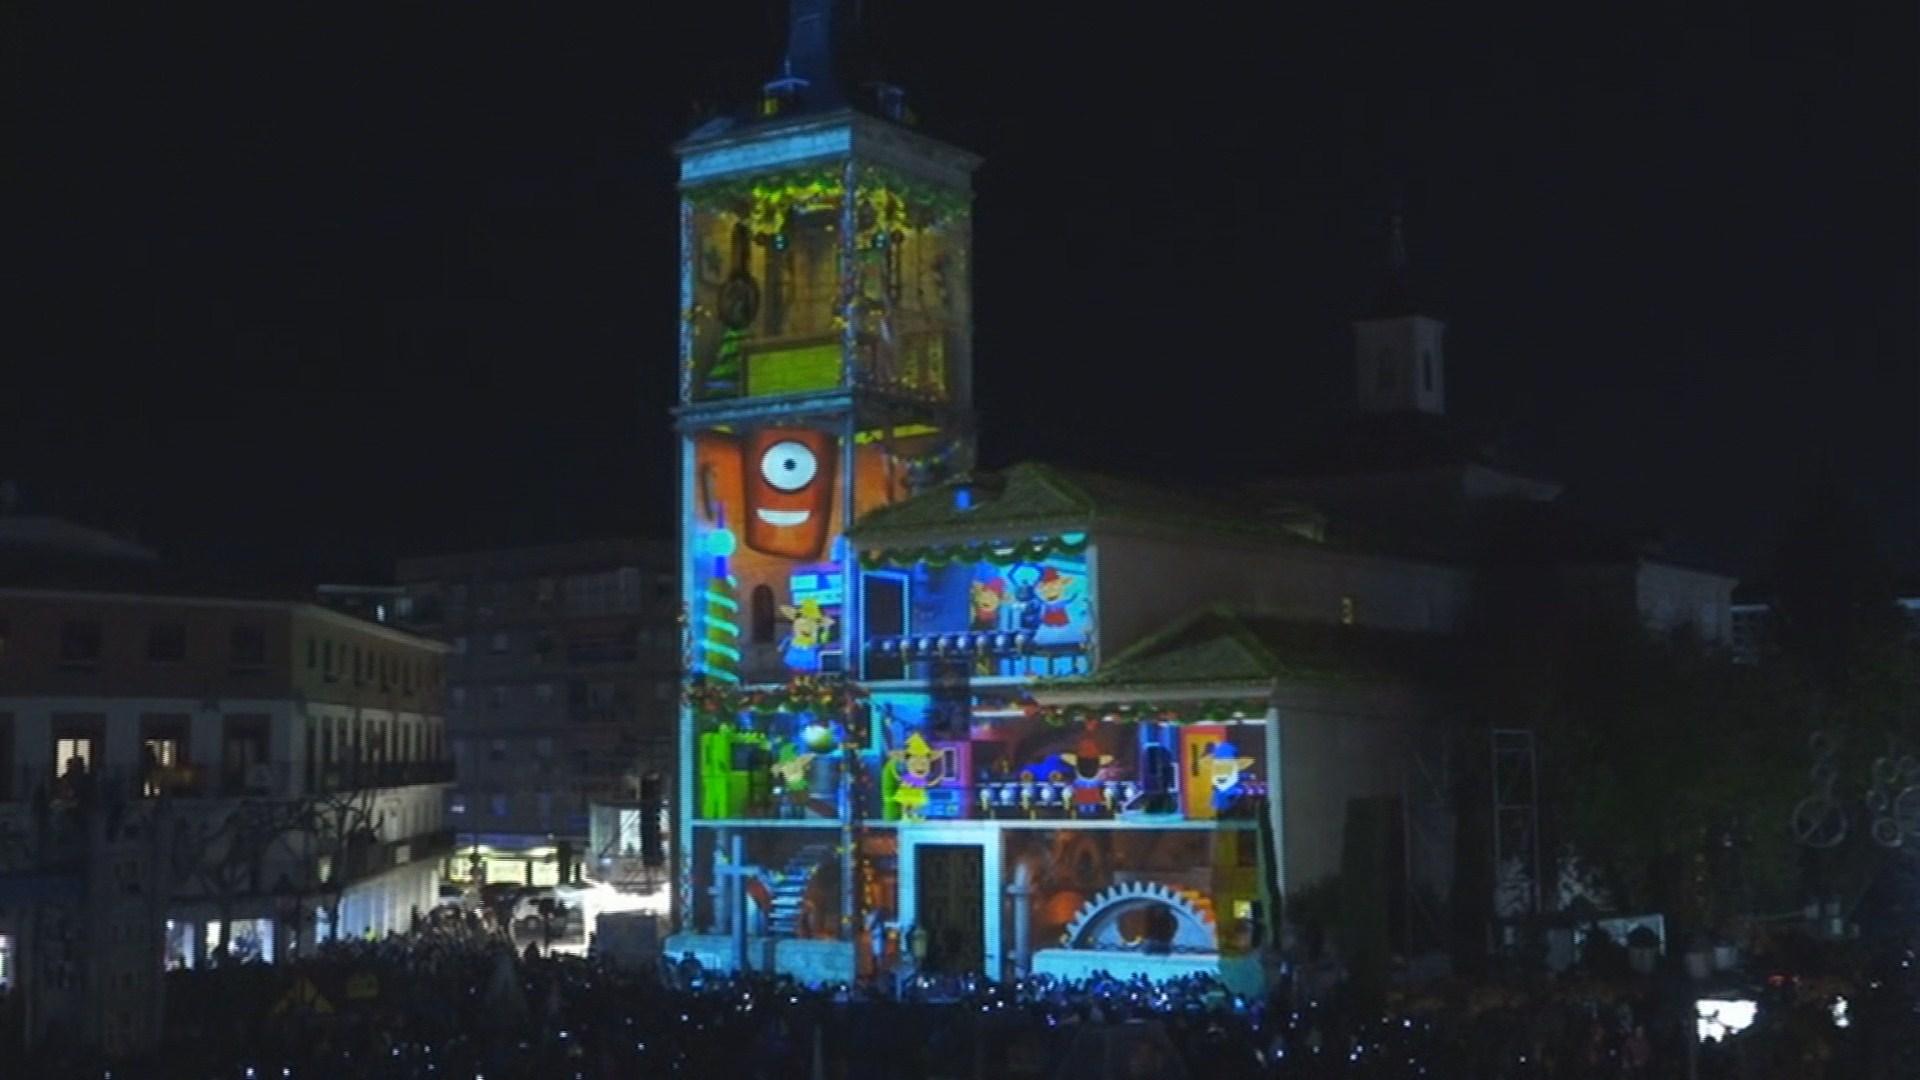 Niños Con 20 En Mejores Navidad Hacer Planes Madridlos 2018 Para 7ybfgv6Y